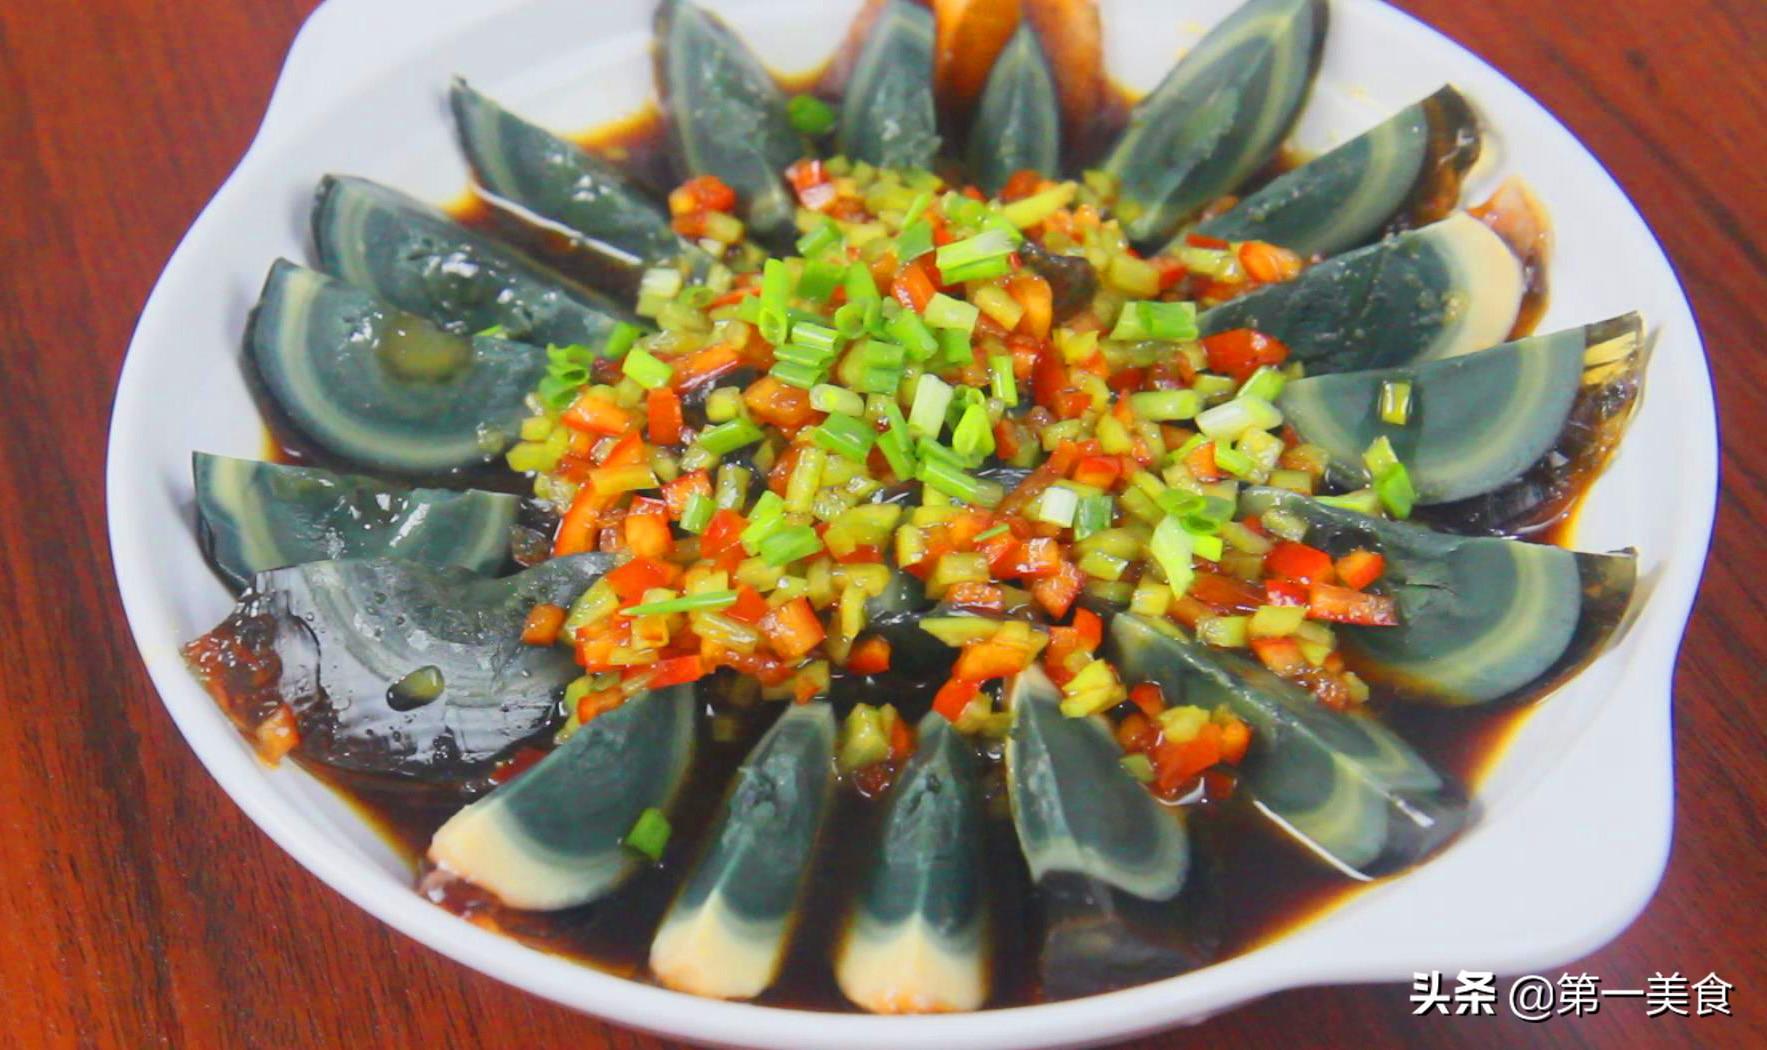 双椒皮蛋这样做,超级好吃,夏天清爽开胃,做法简单 美食做法 第6张